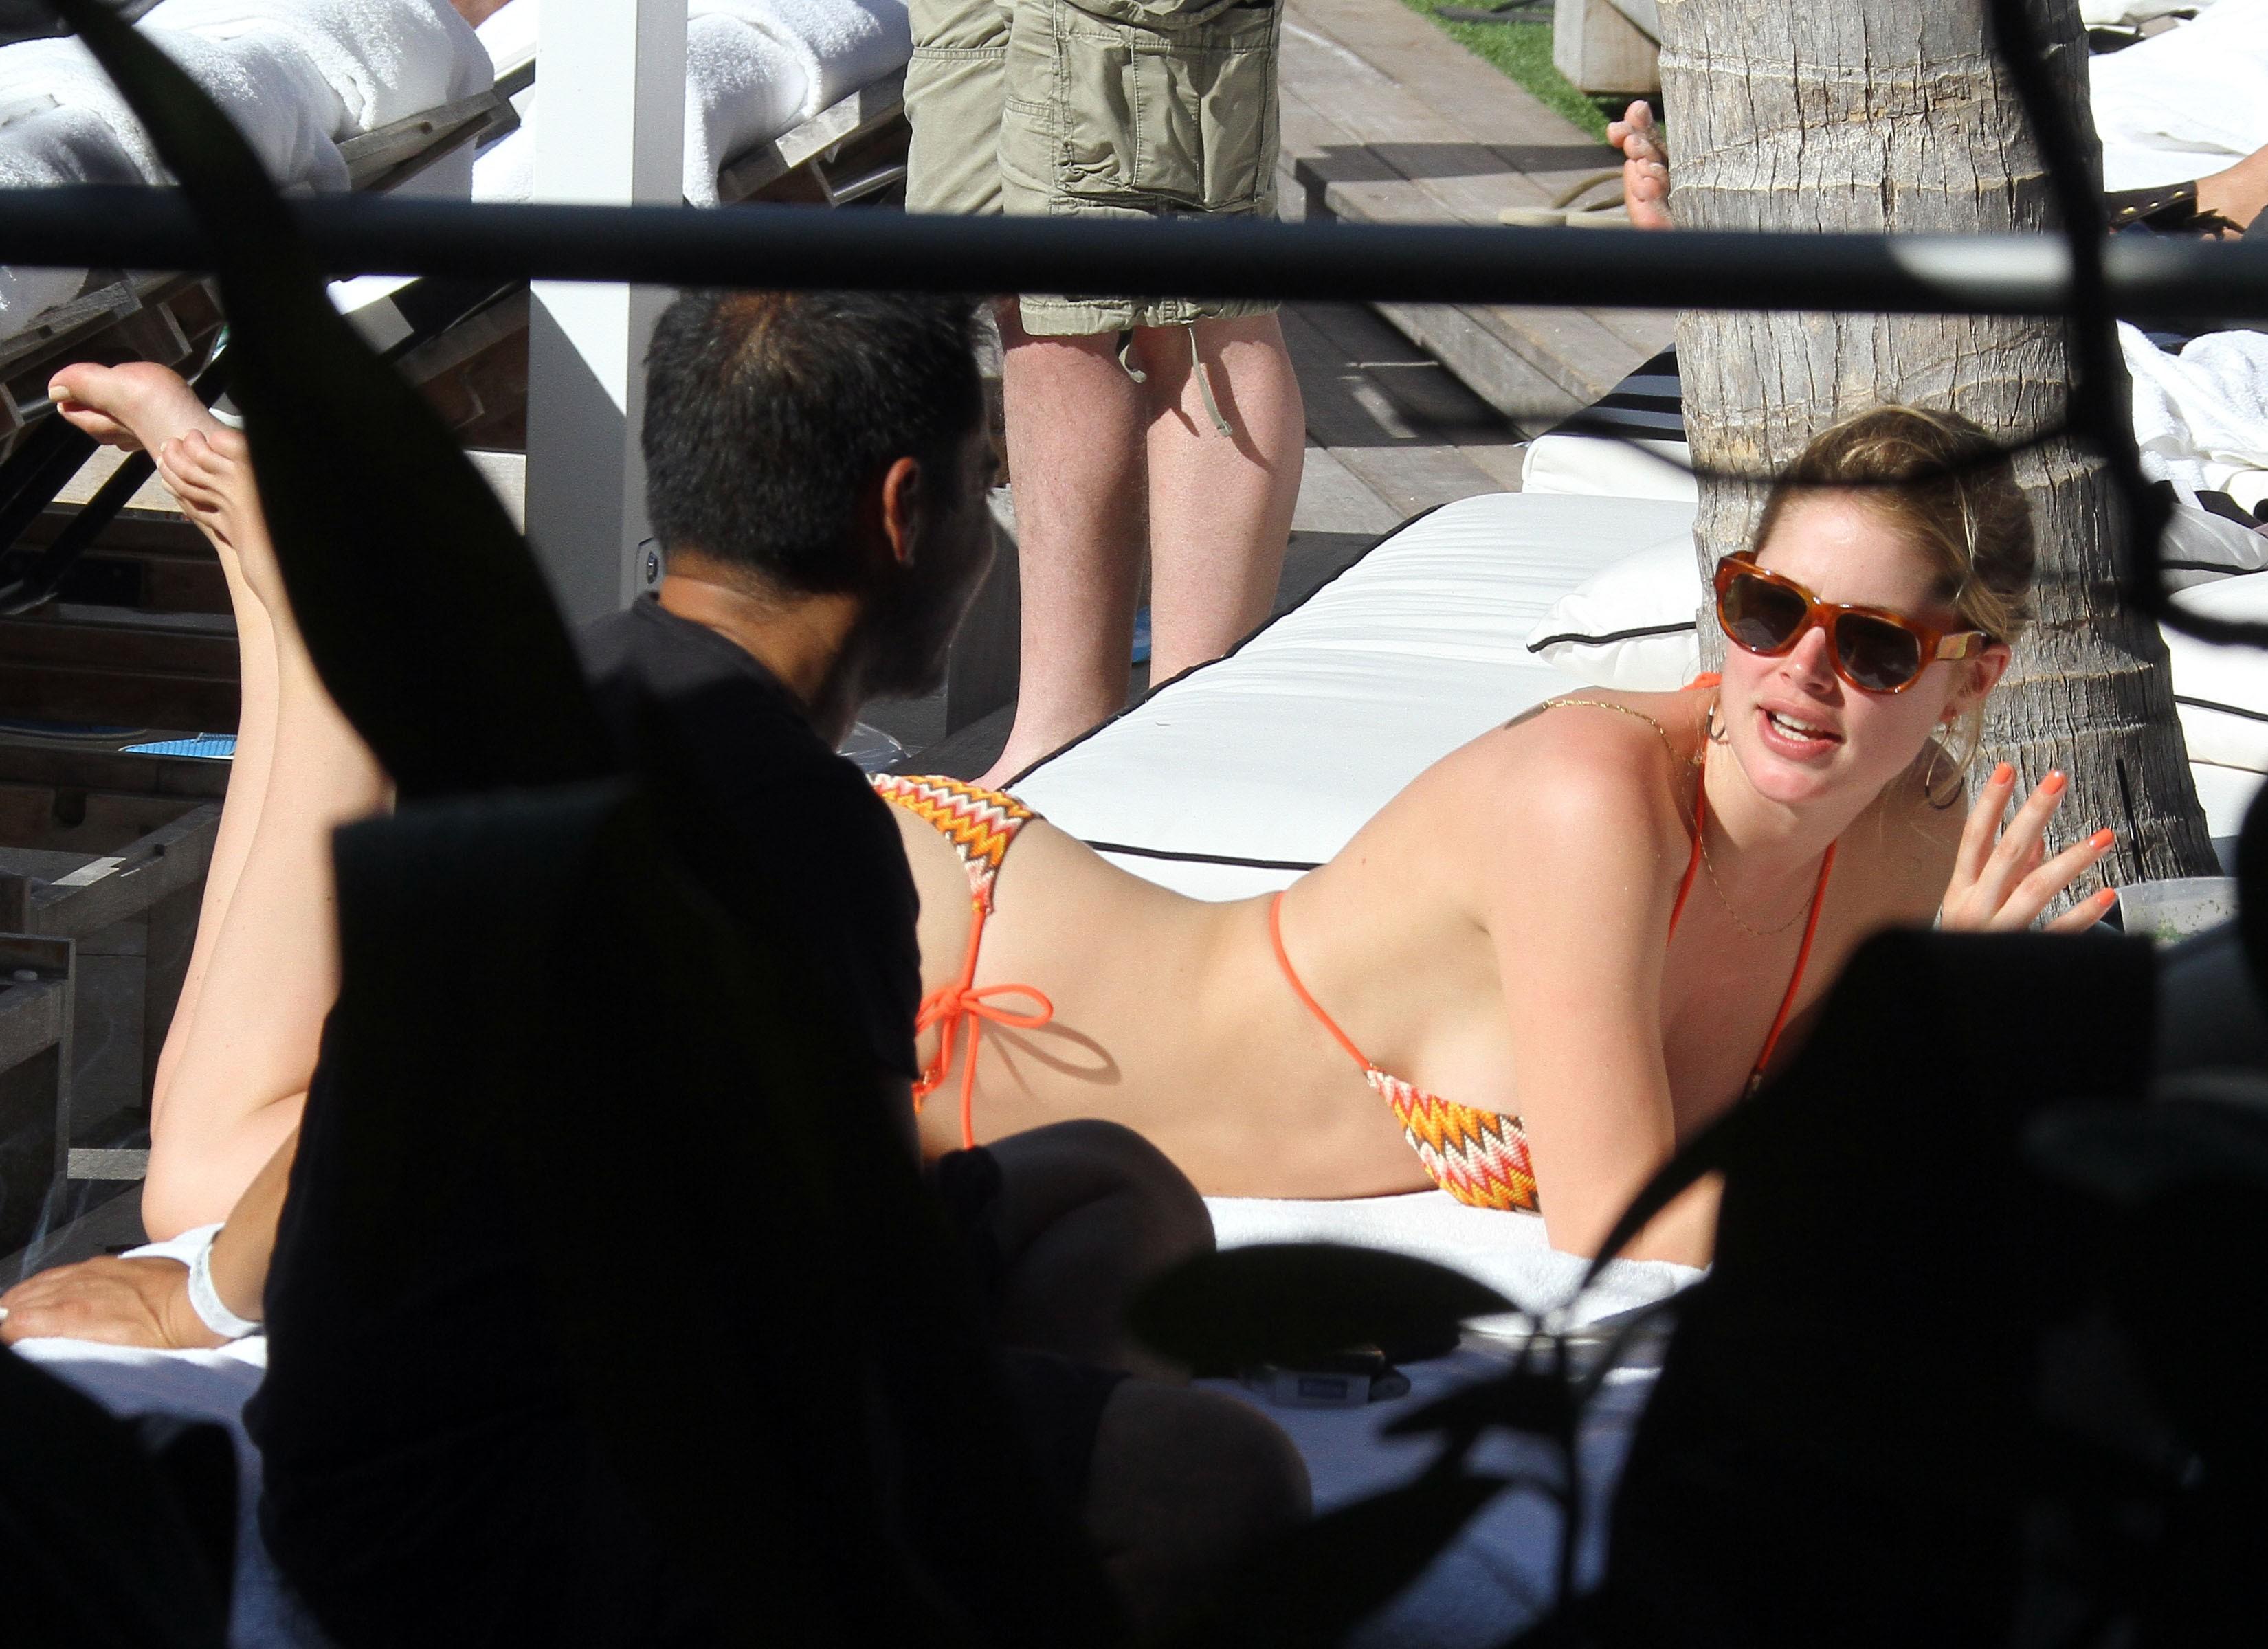 075454784_Celebutopia_NET.Doutzen_Kroes_relaxing_in_Miami_Beach.03_24_2011.HQ.5_122_160lo.jpg